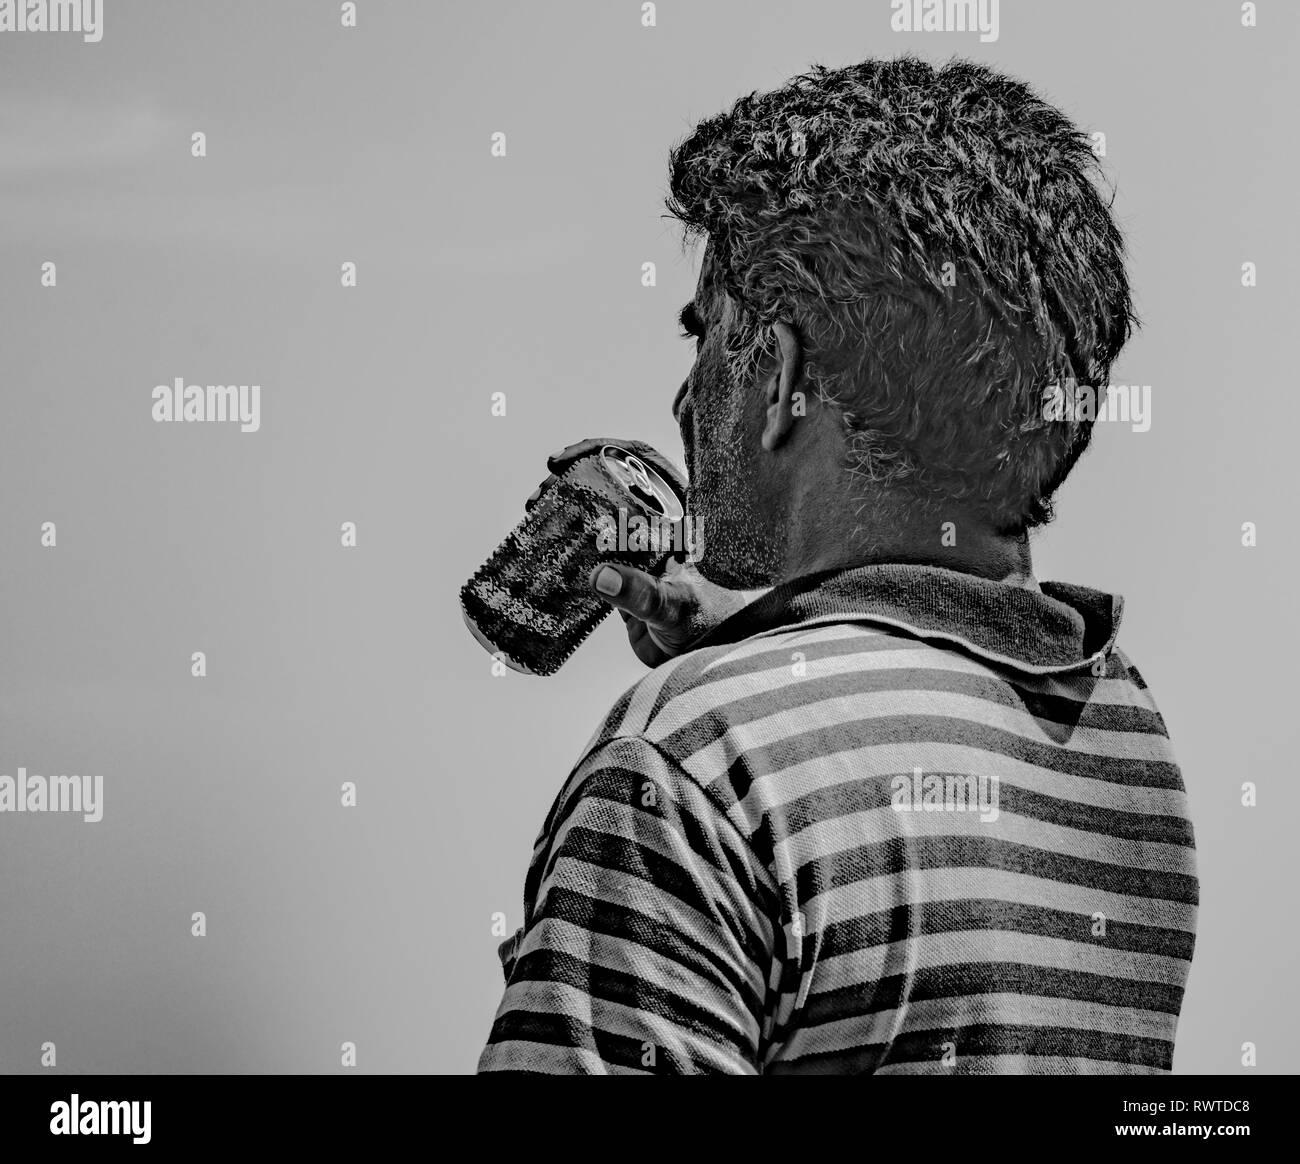 Fotografía en blanco y negro de un varón de mediana edad vistiendo tShirt seccionado y calmar la sed por beber cerveza/refresco de una lata de aluminio en hot día soleado Imagen De Stock